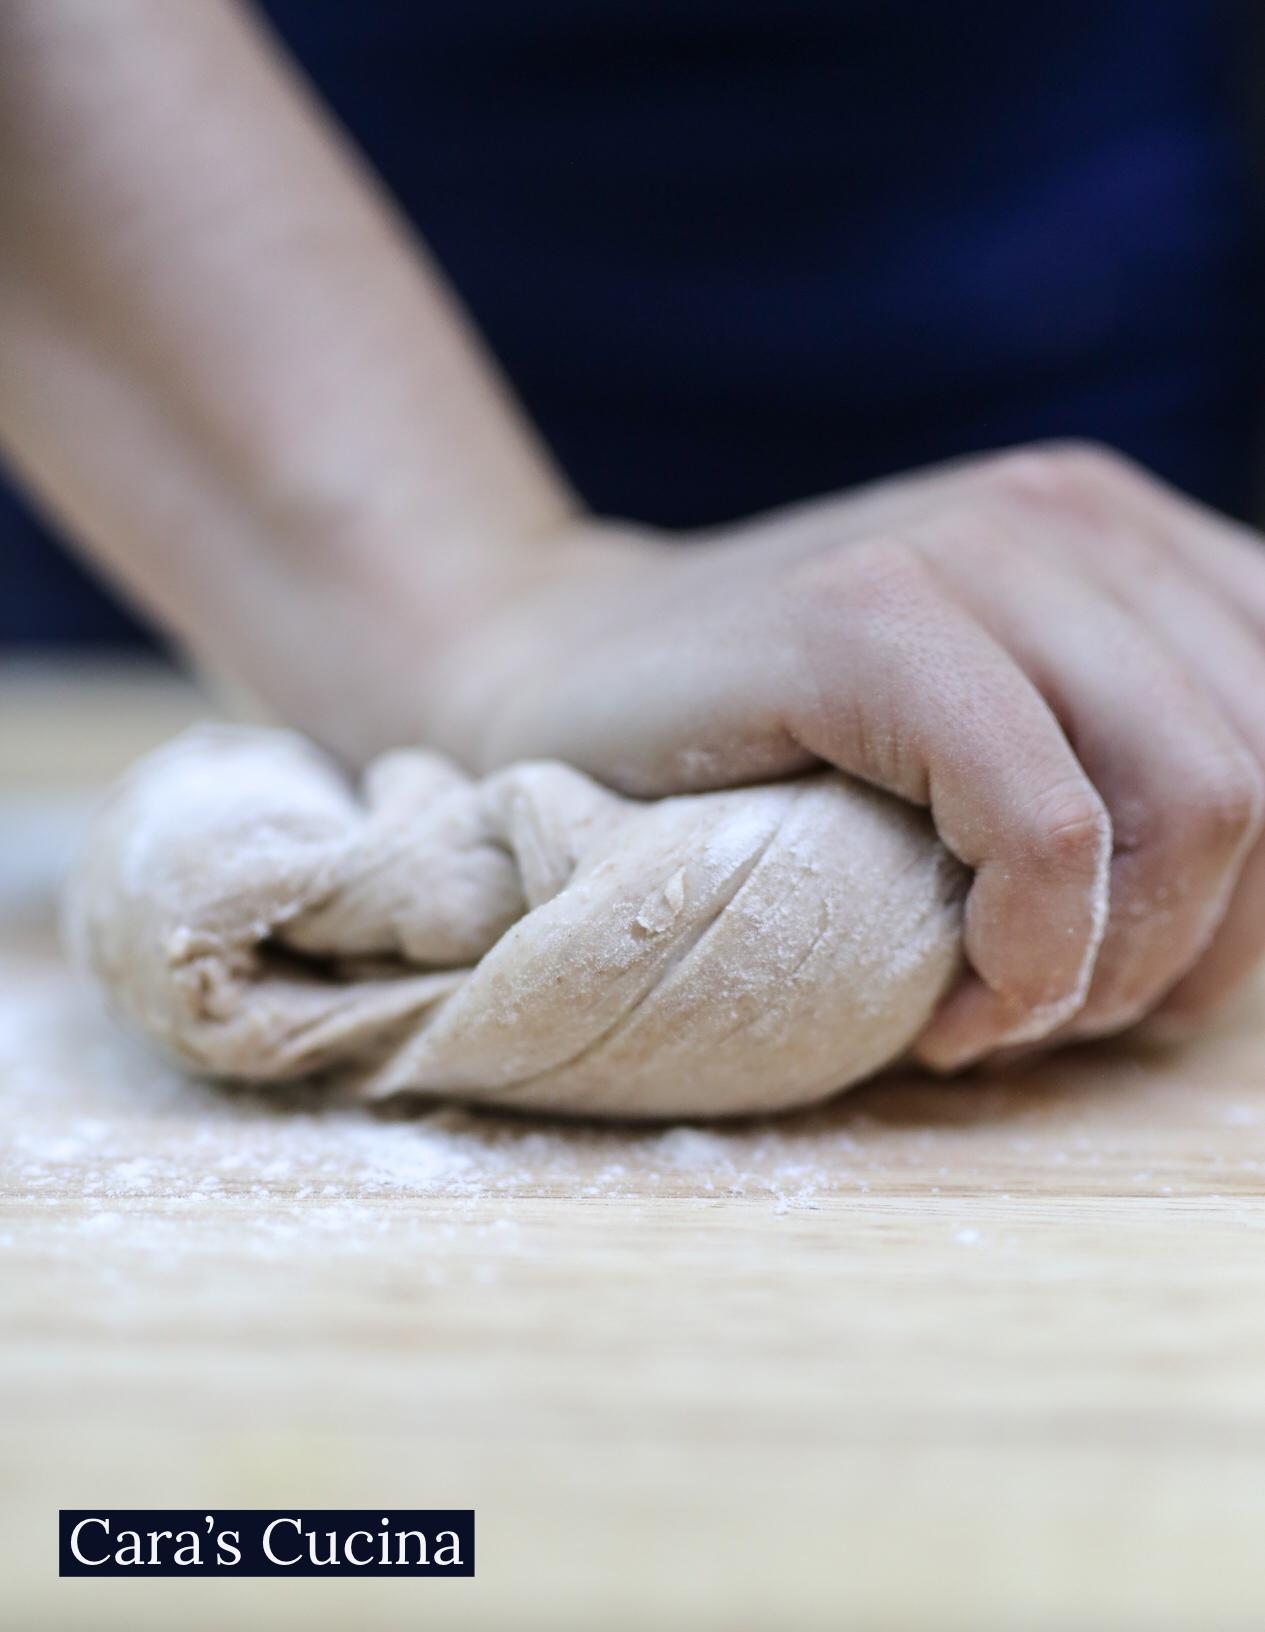 Cara's Cucina: Fresh Pizza Dough